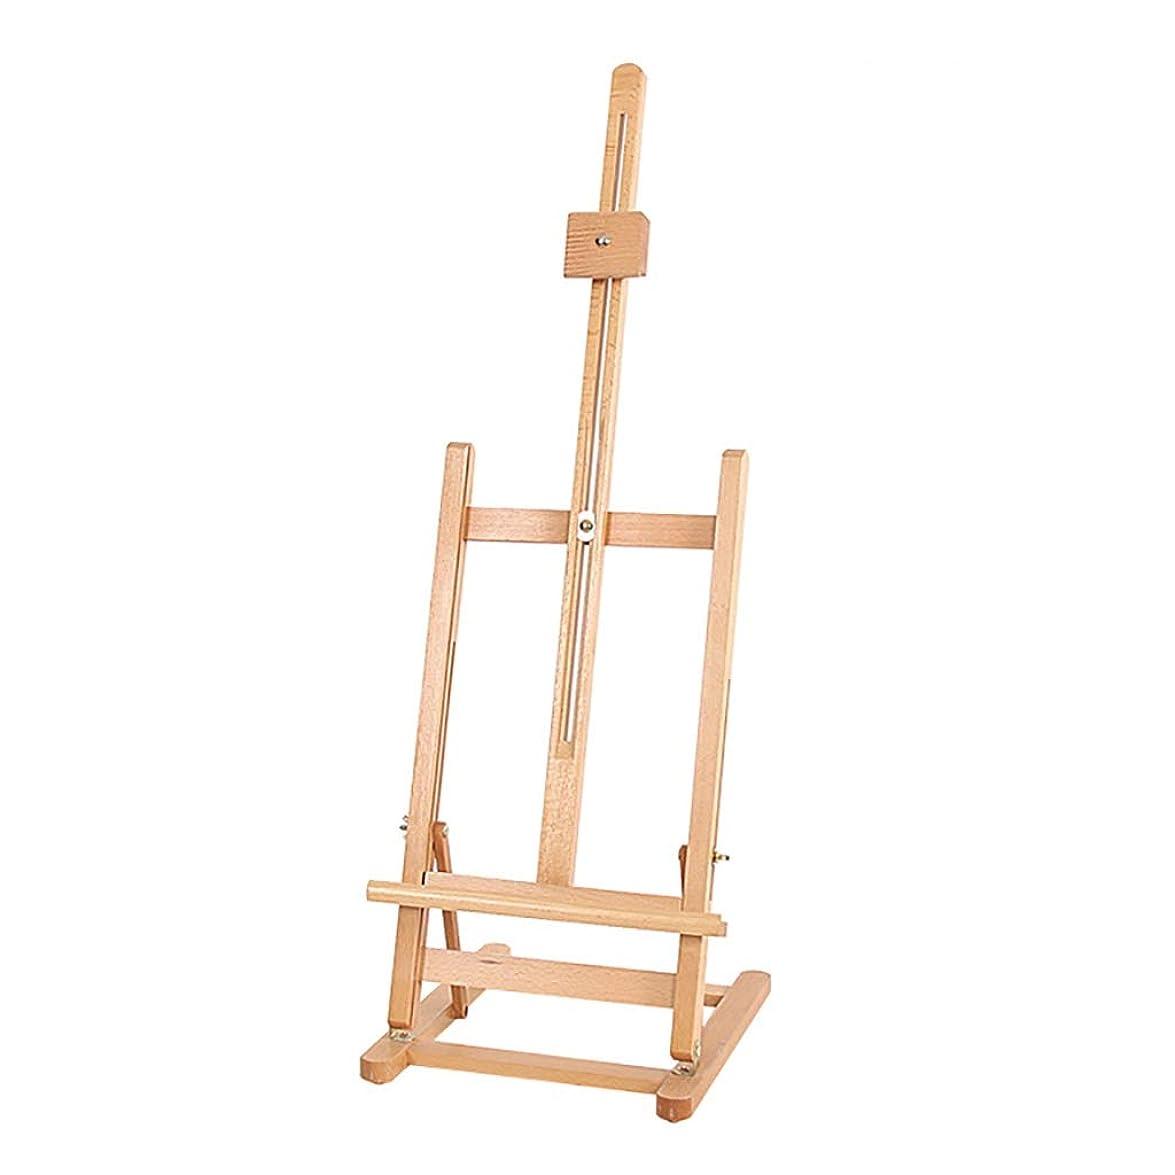 以内に概してカップル頑丈で丈夫 純木の折る子供の芸術のデスクトップのイーゼルの陳列台、高さ調節可能な32 * 27.5 *(80?102)cm